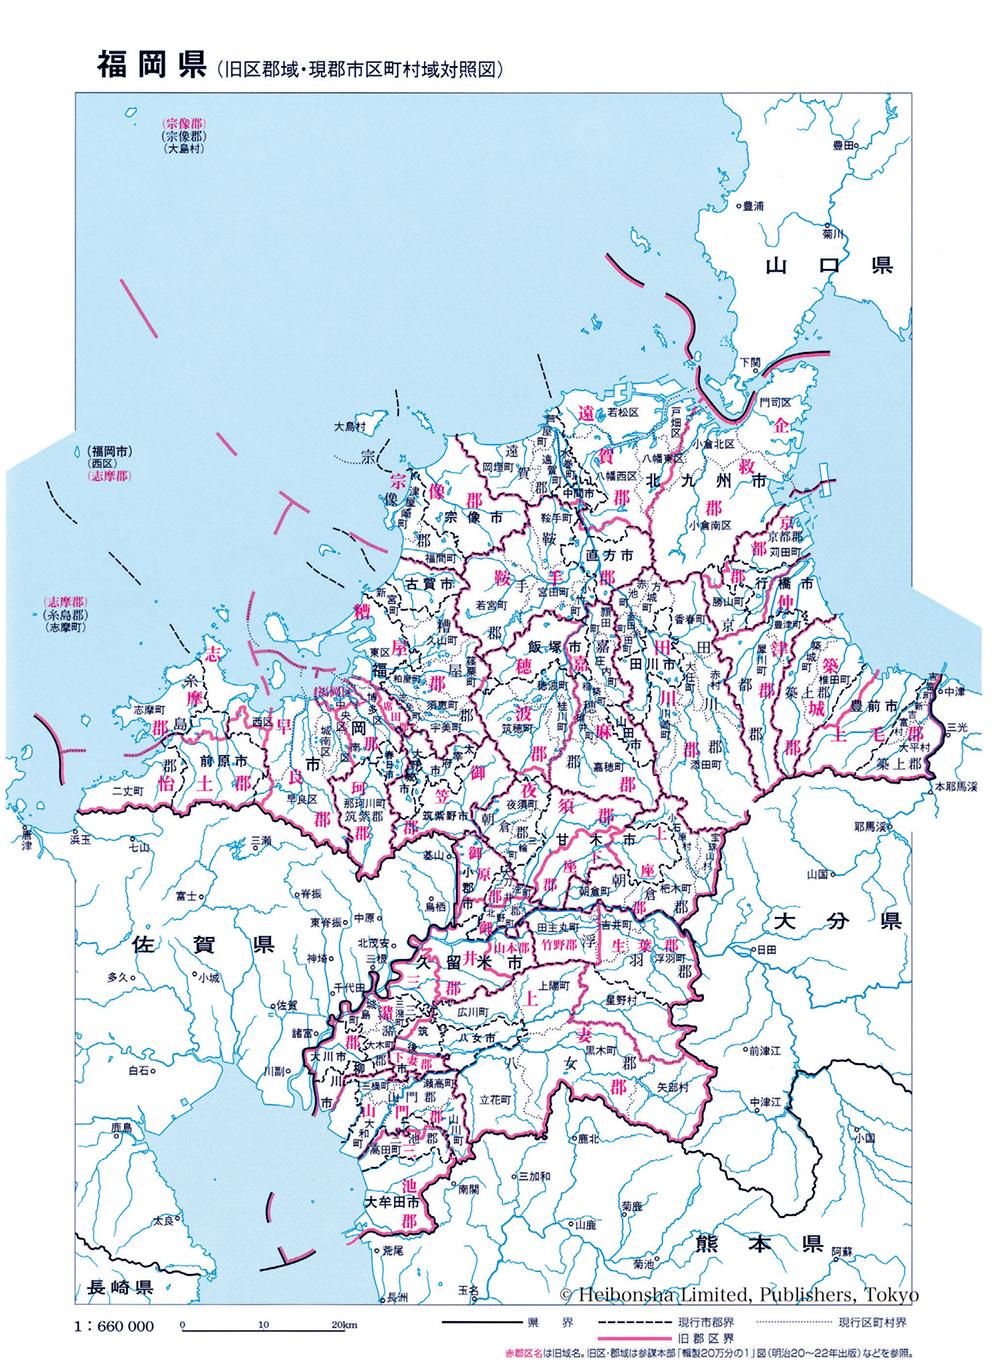 箱崎 福岡県 旧区群域・現群市区町村域対照図